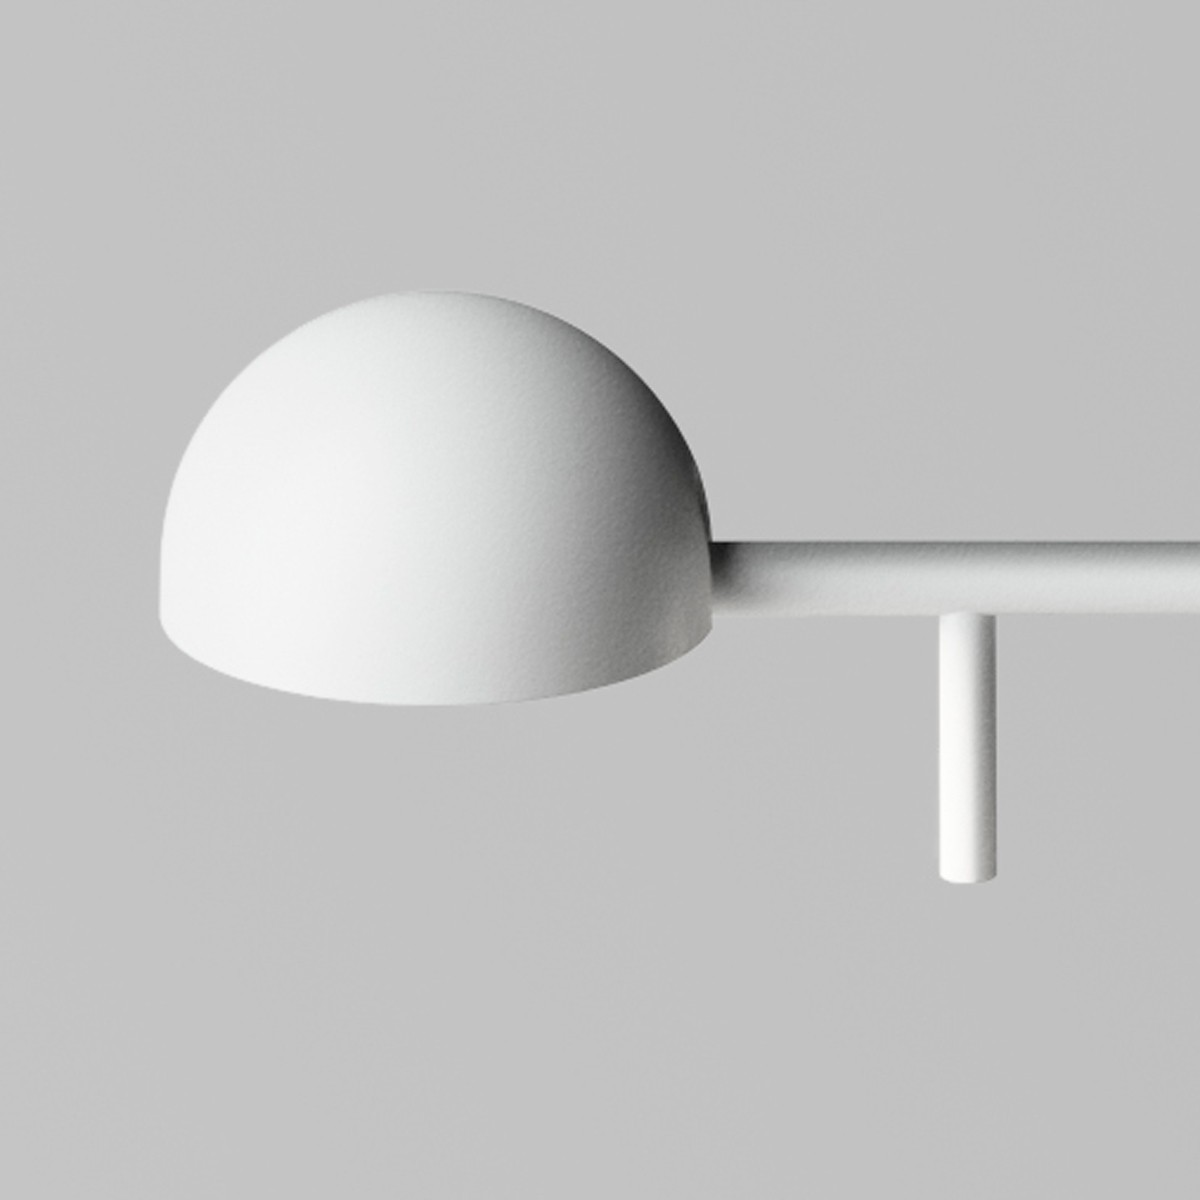 Vibia Pin 1650 Tischleuchte, weiß matt